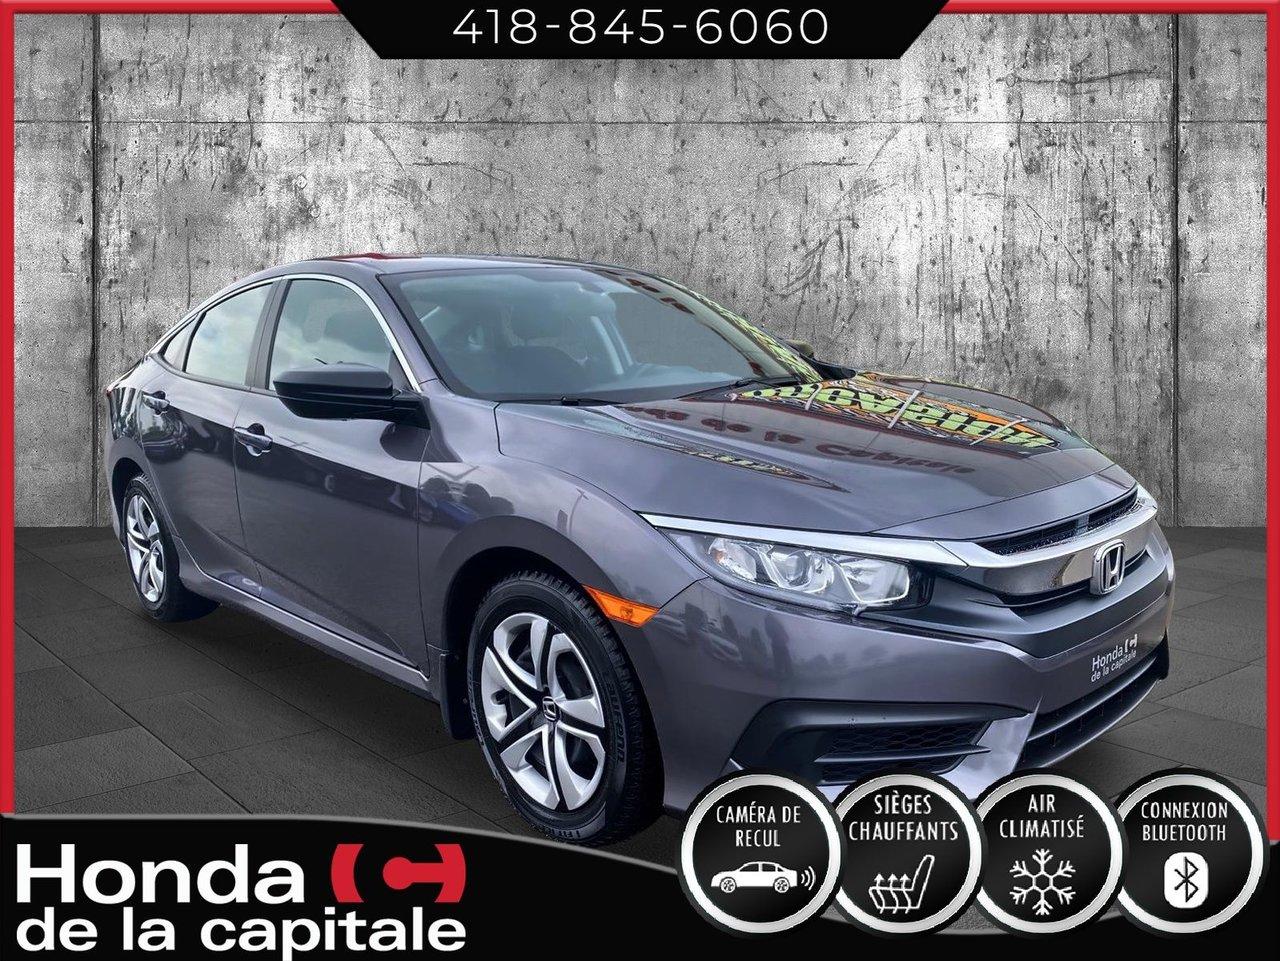 Honda Civic 2018 DX  **PAS DE CLIMATISATION**